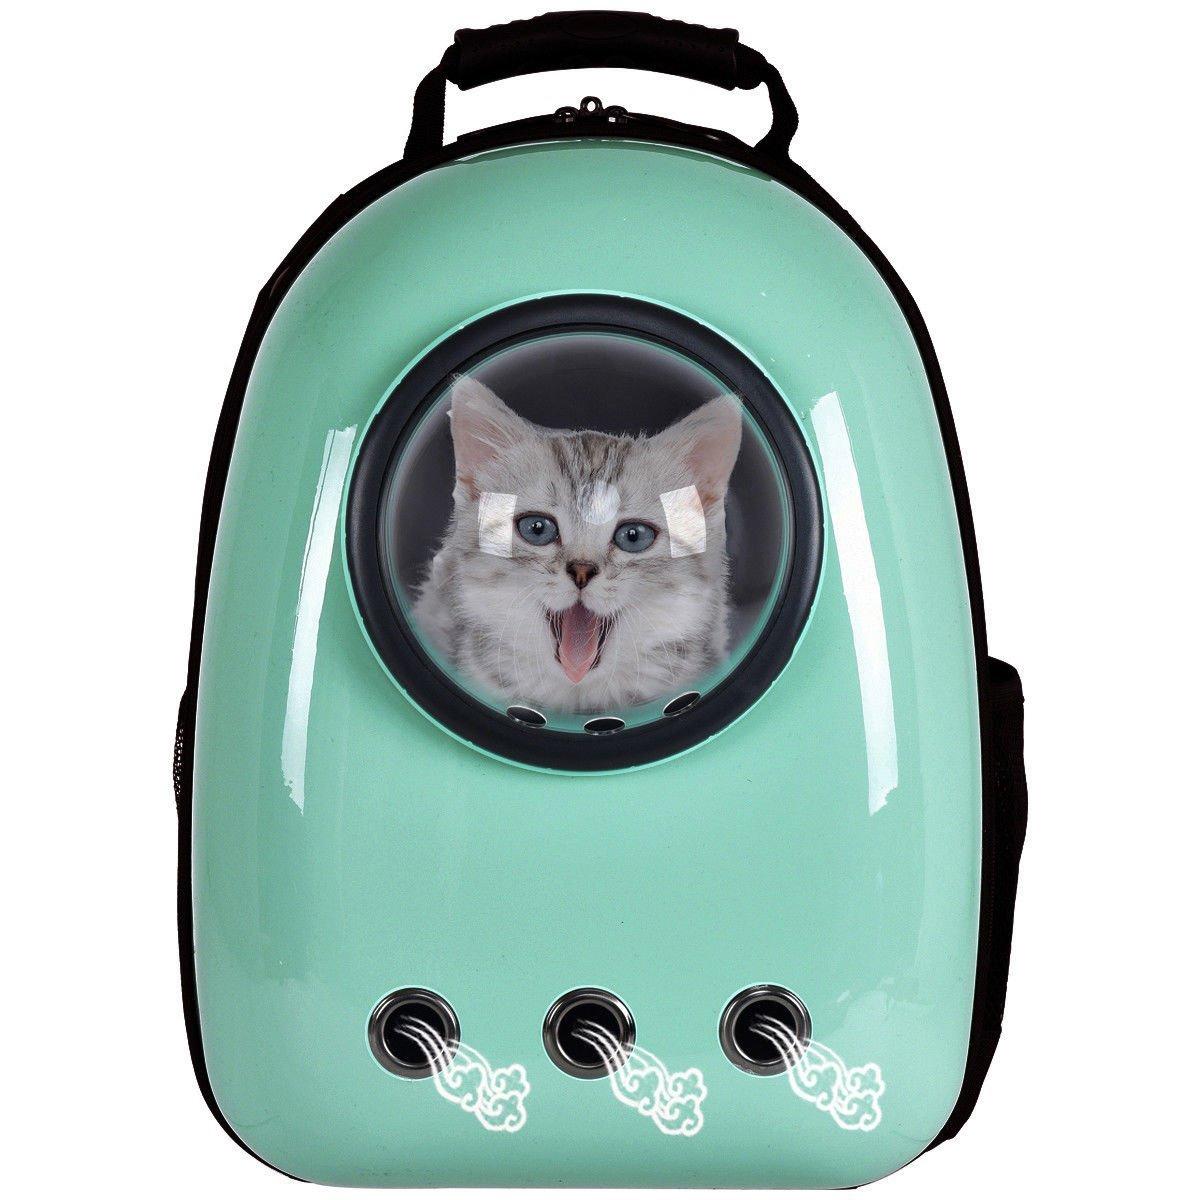 Giantex-Astronaut-Pet-Cat-Dog-Puppy-Carrier-Light-Green-Color